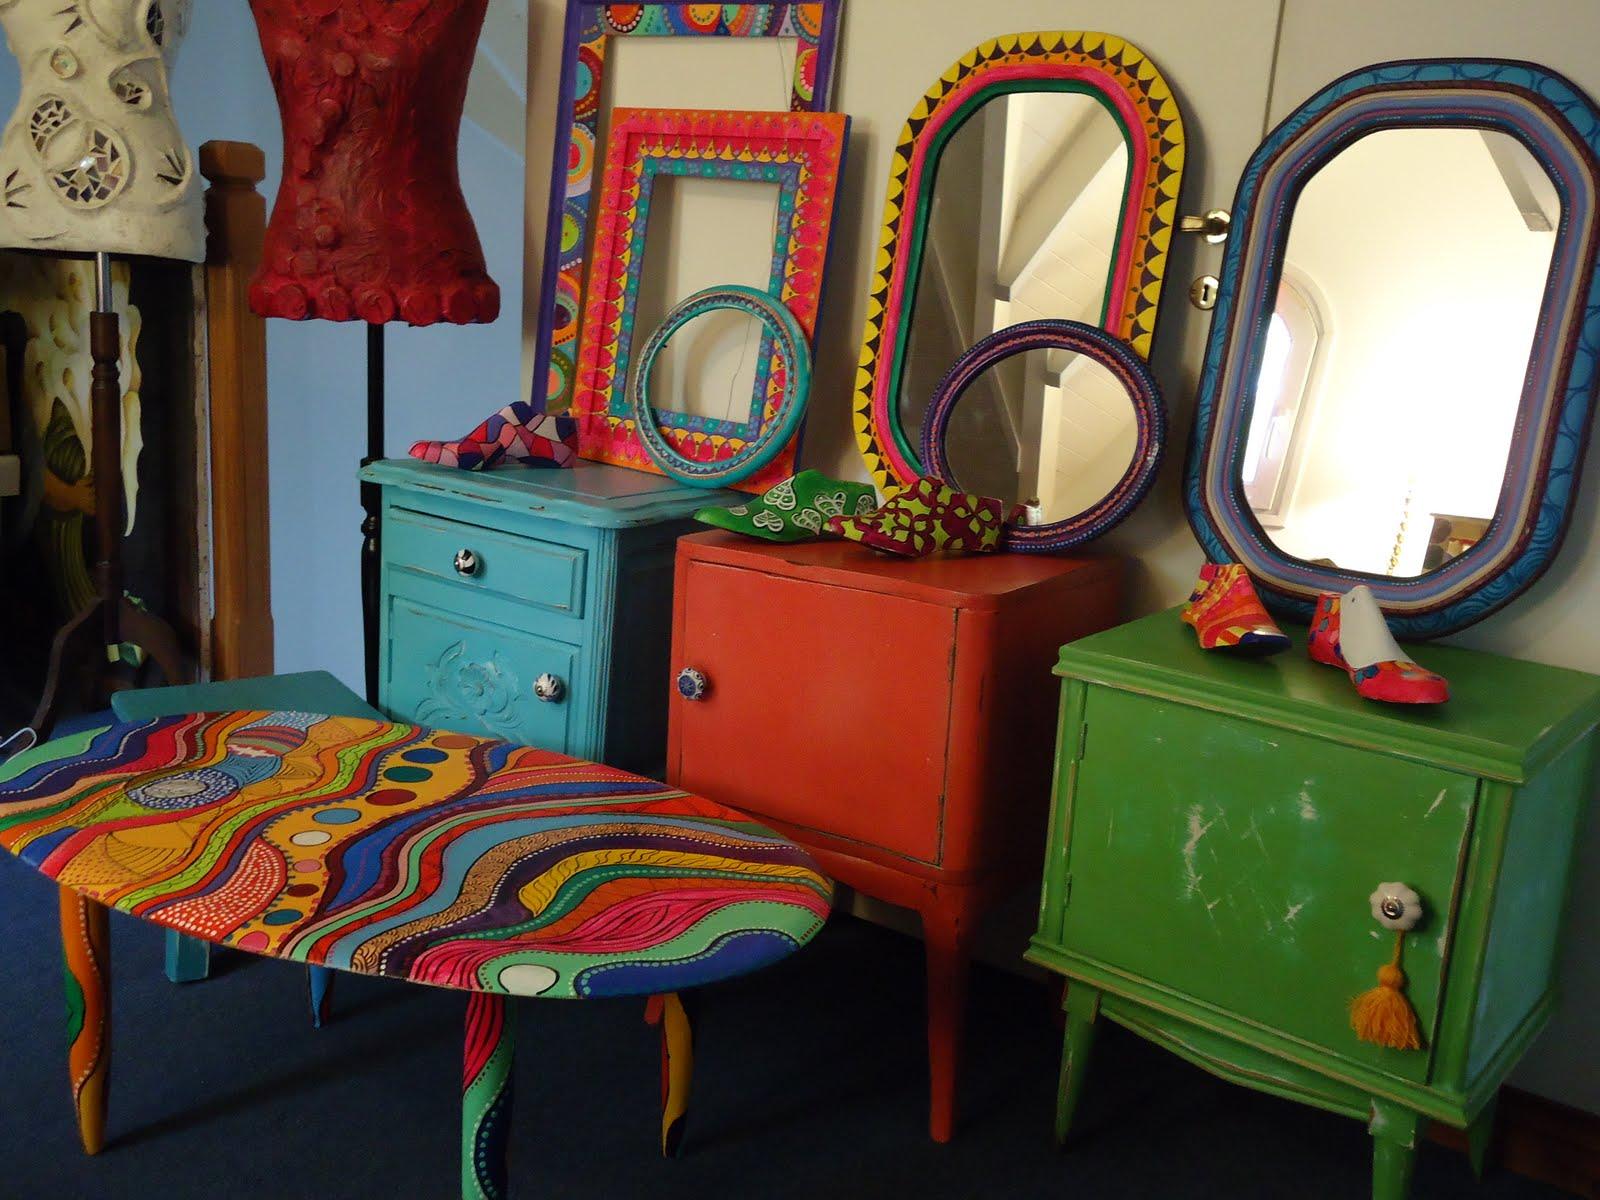 Vintouch muebles reciclados pintados a mano marcos - Muebles pintados de colores ...